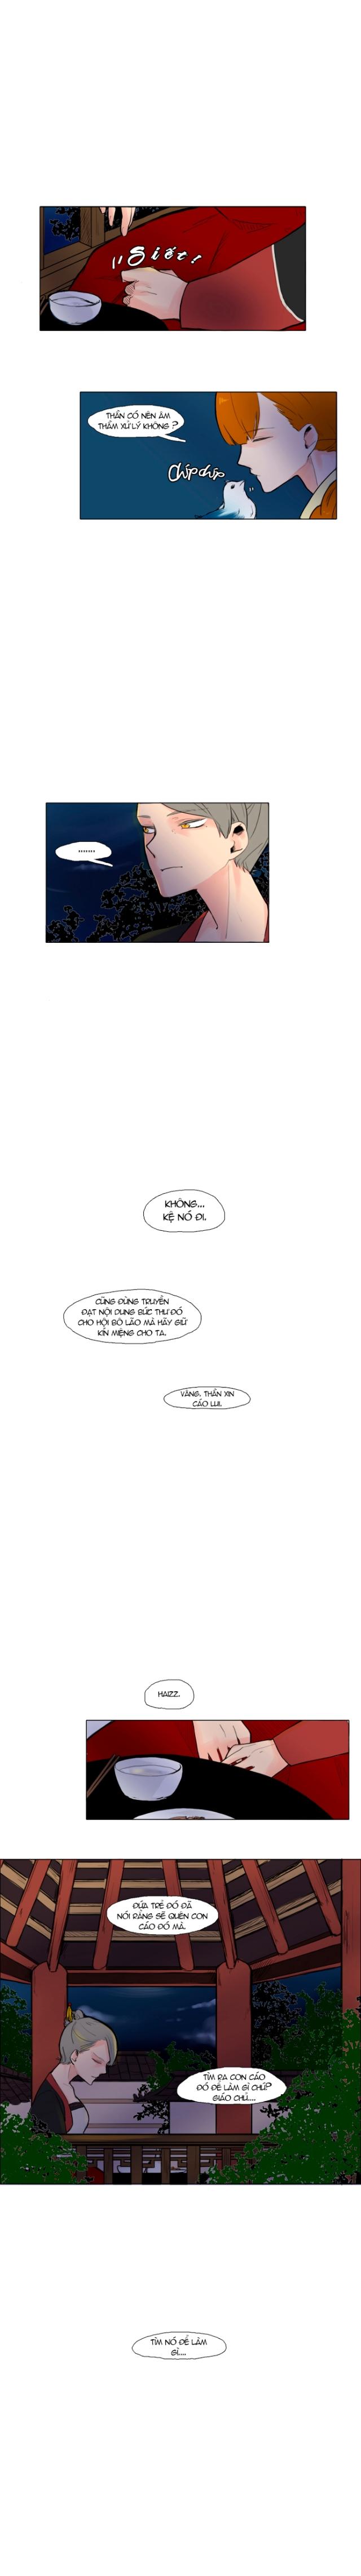 1_brilli_4_009